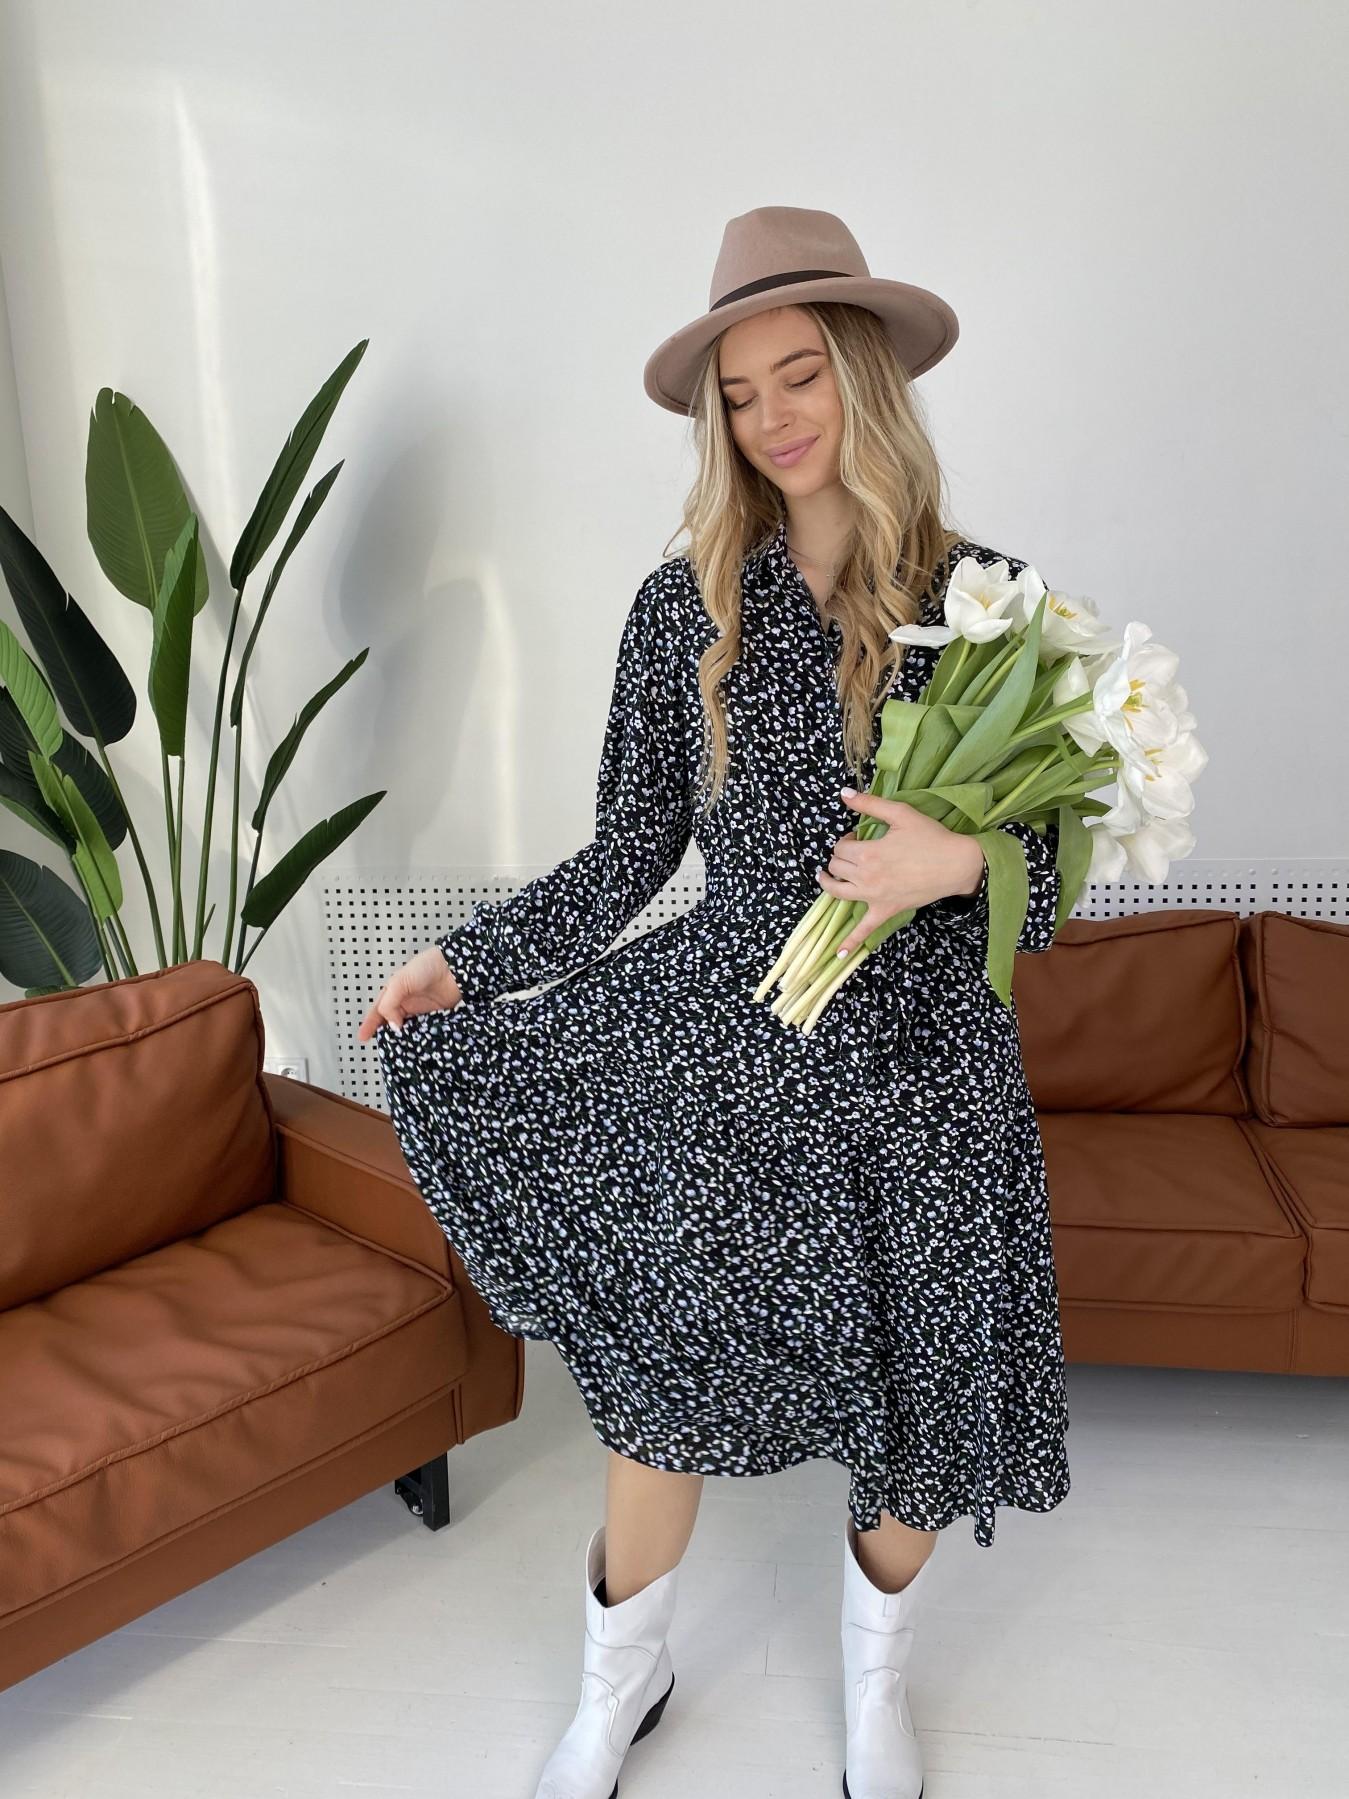 Лилия штапель принт платье 10879 АРТ. 47351 Цвет: Цветы мел черн/бел/гол - фото 1, интернет магазин tm-modus.ru